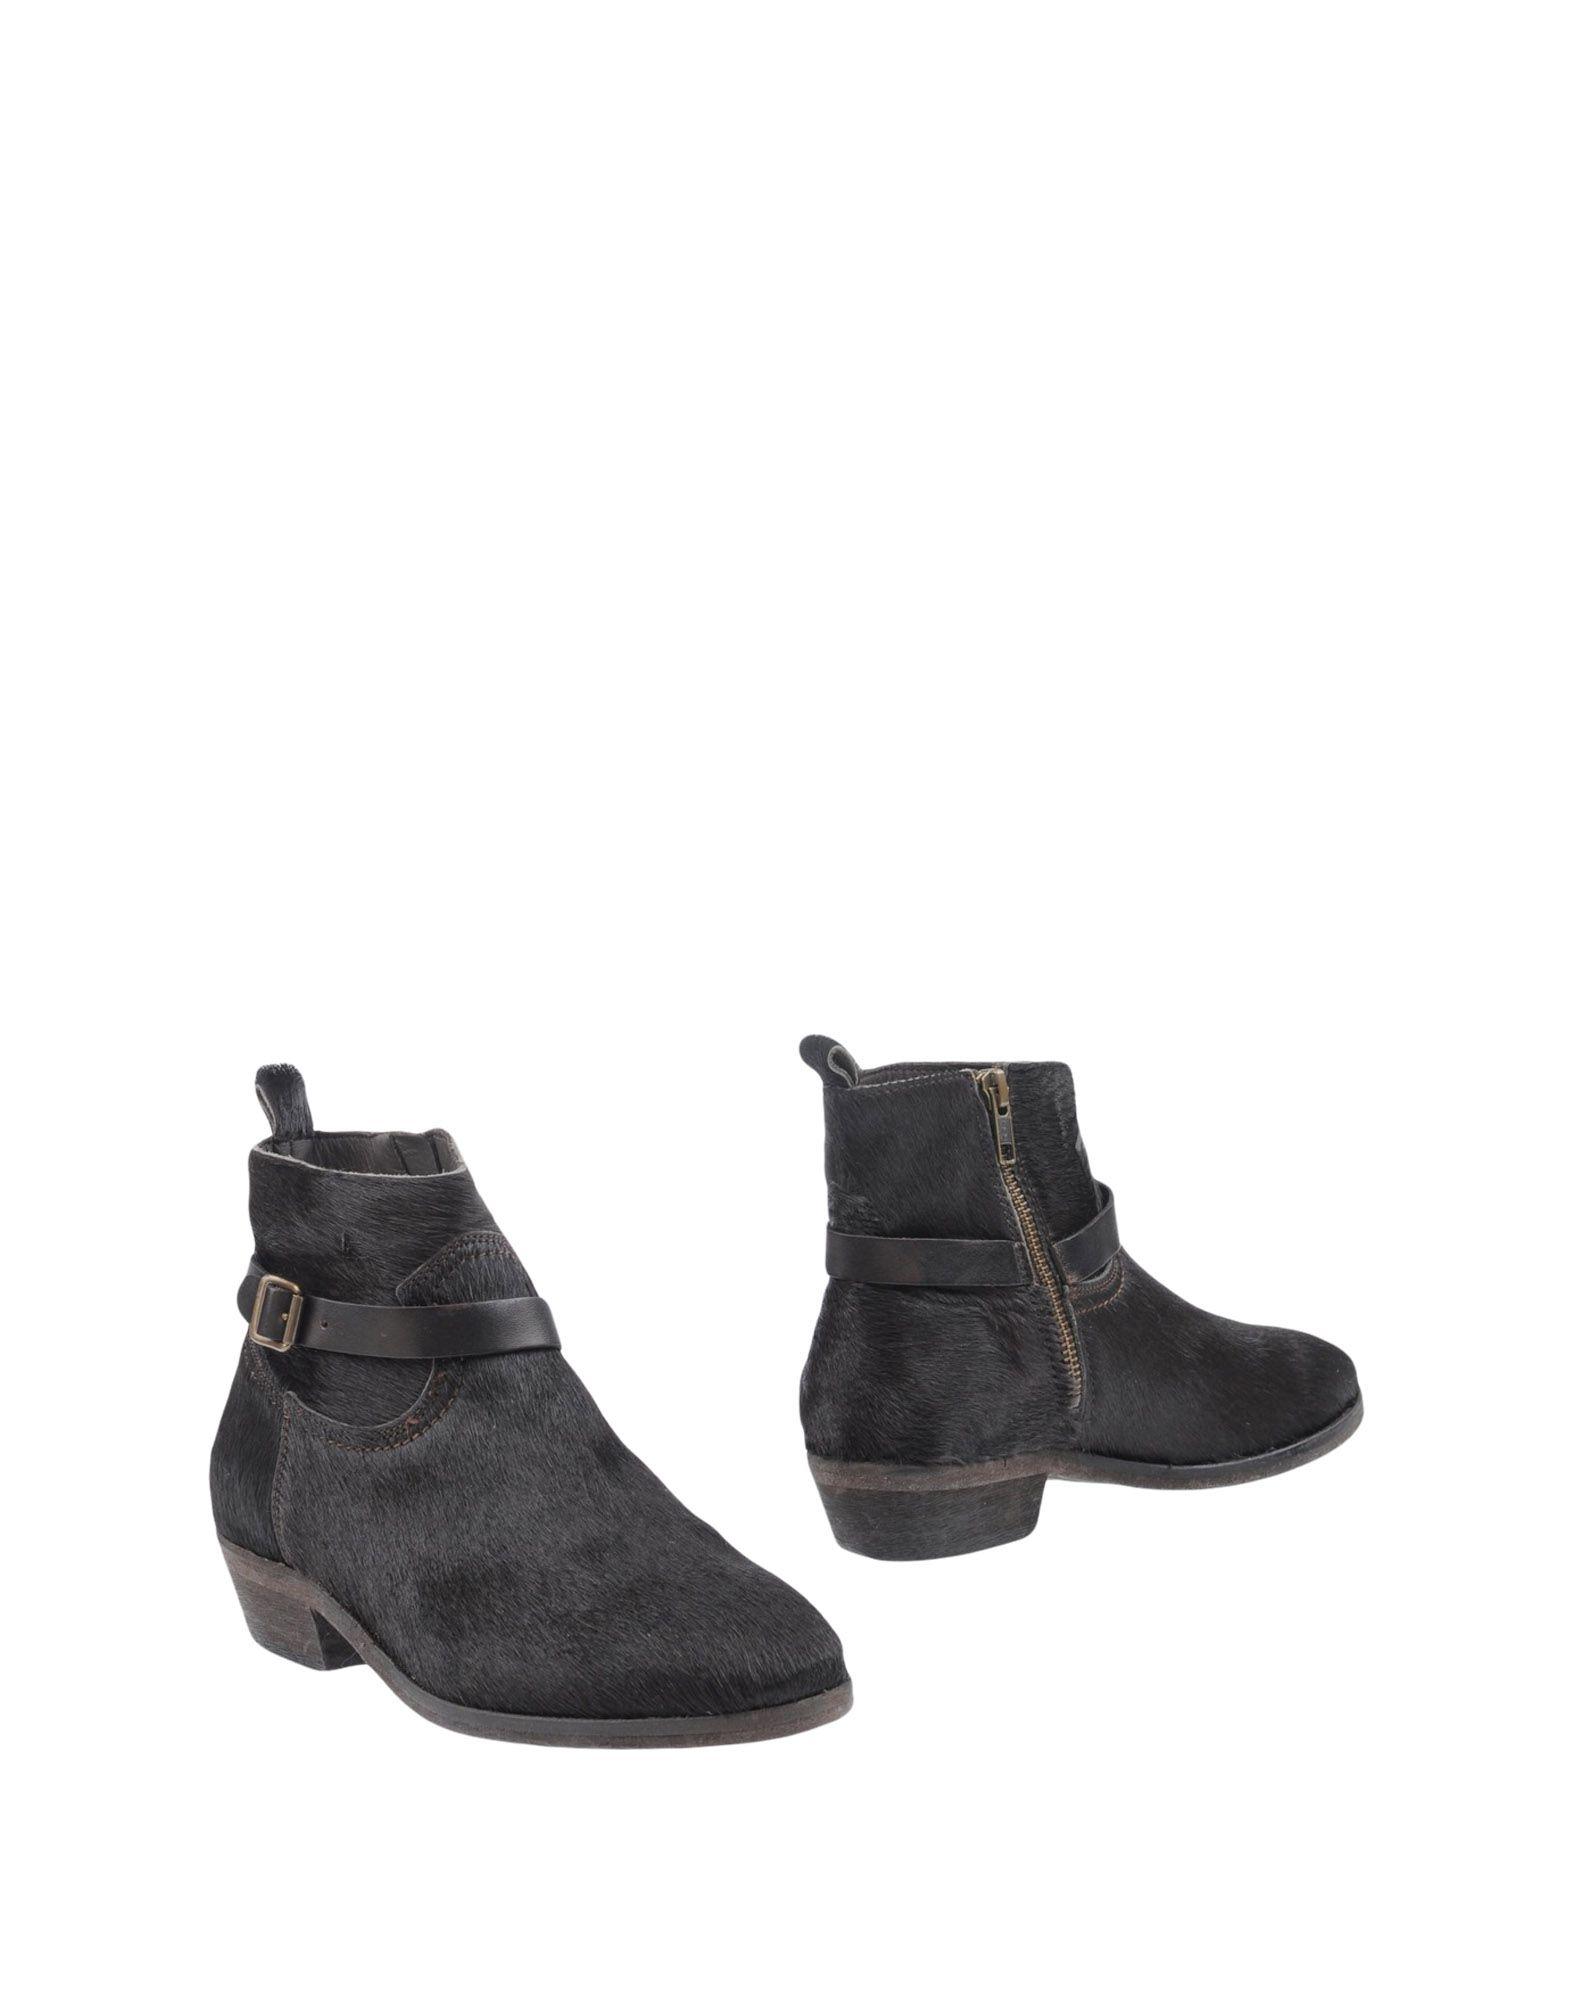 Catarina Martins Stiefelette Damen  11244620KO Gute Qualität beliebte Schuhe